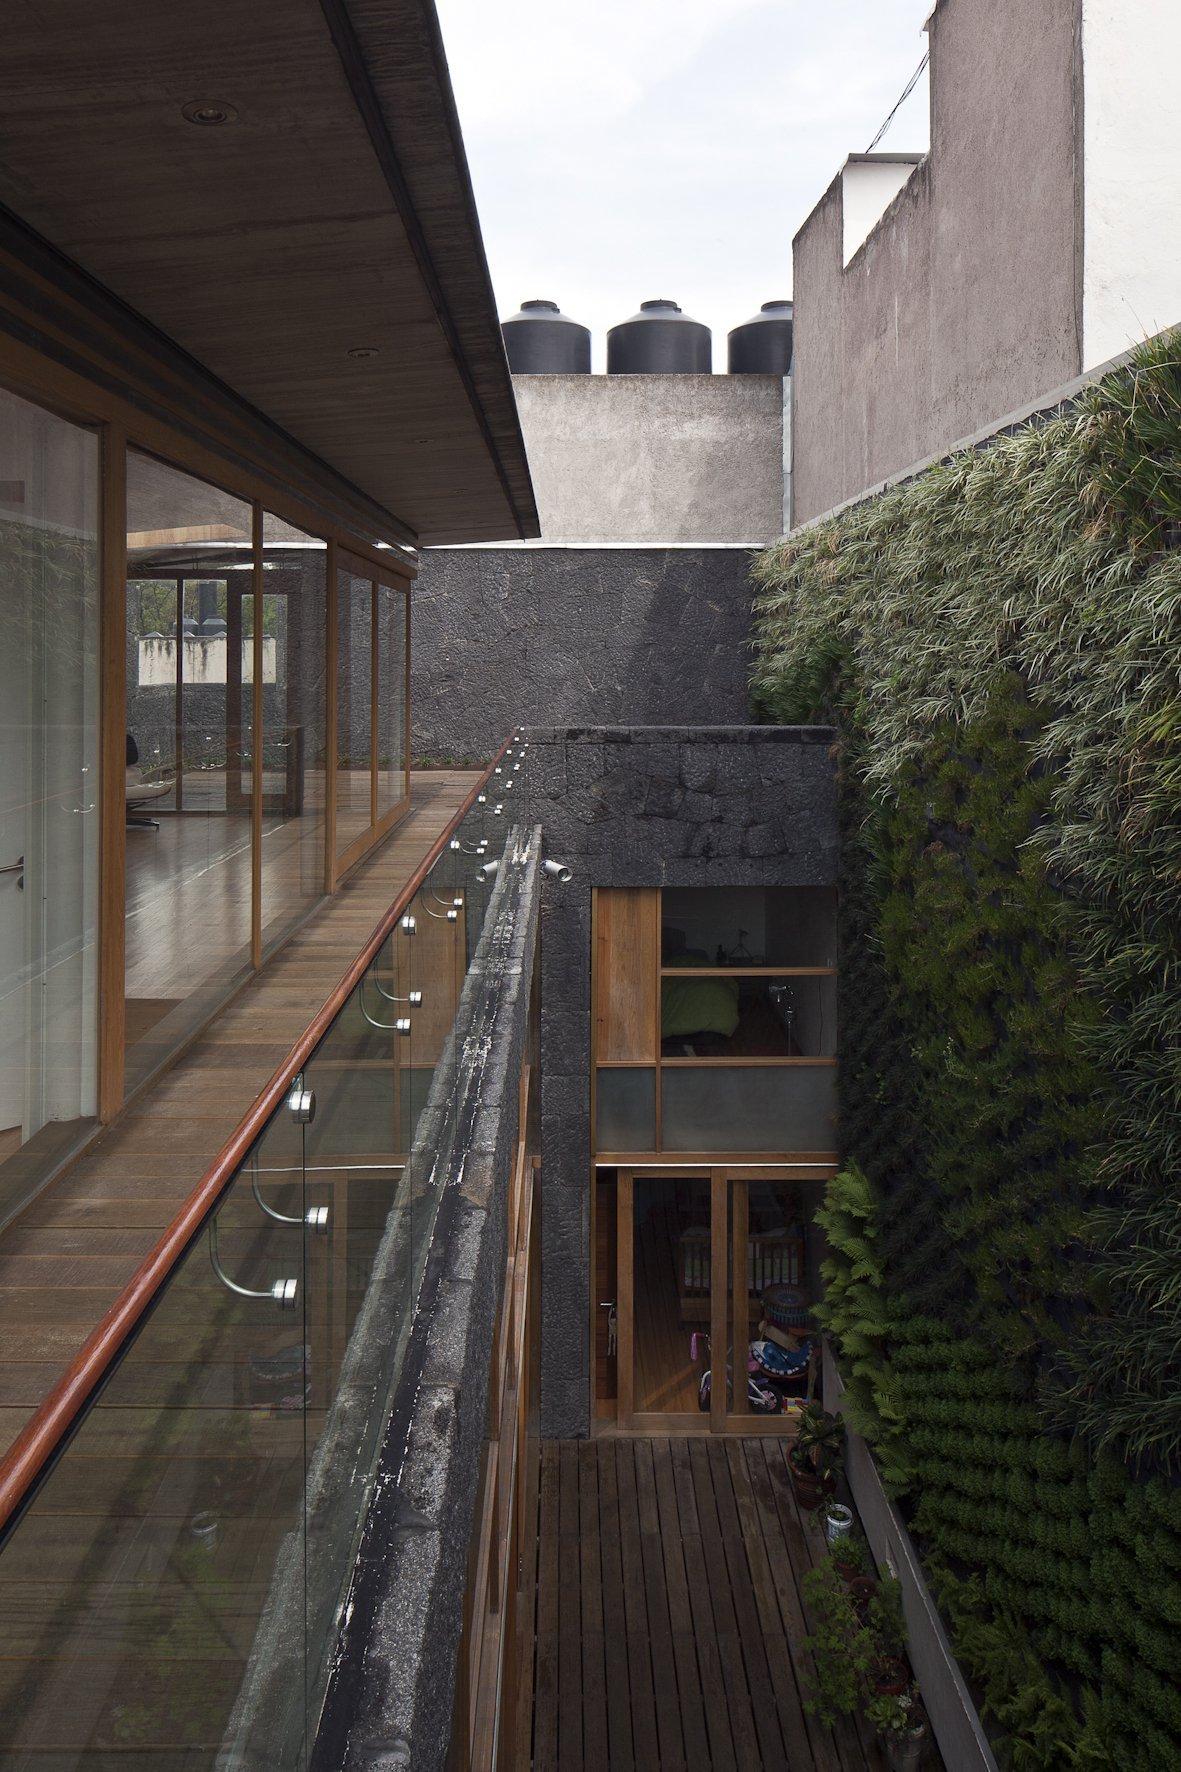 Galer a de zamora 63 tae arquitectos 22 - Arquitectos en zamora ...